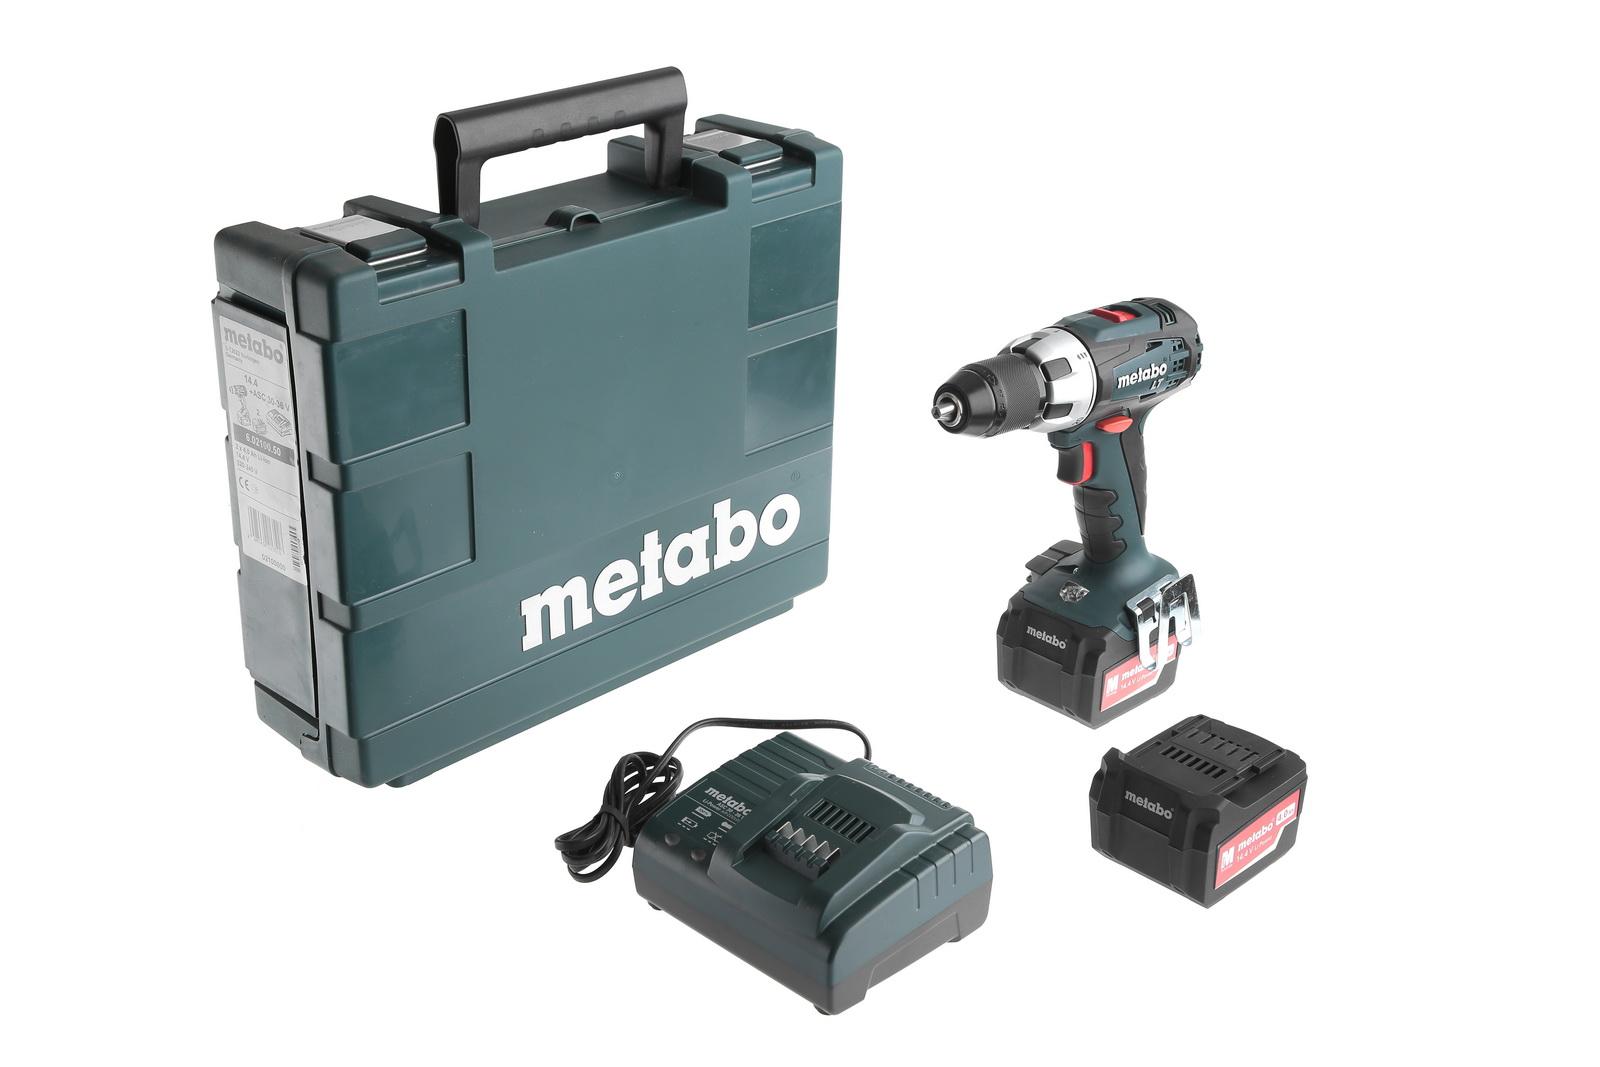 Дрель аккумуляторная Metabo Bs 14.4 lt 4.0 (602100500)